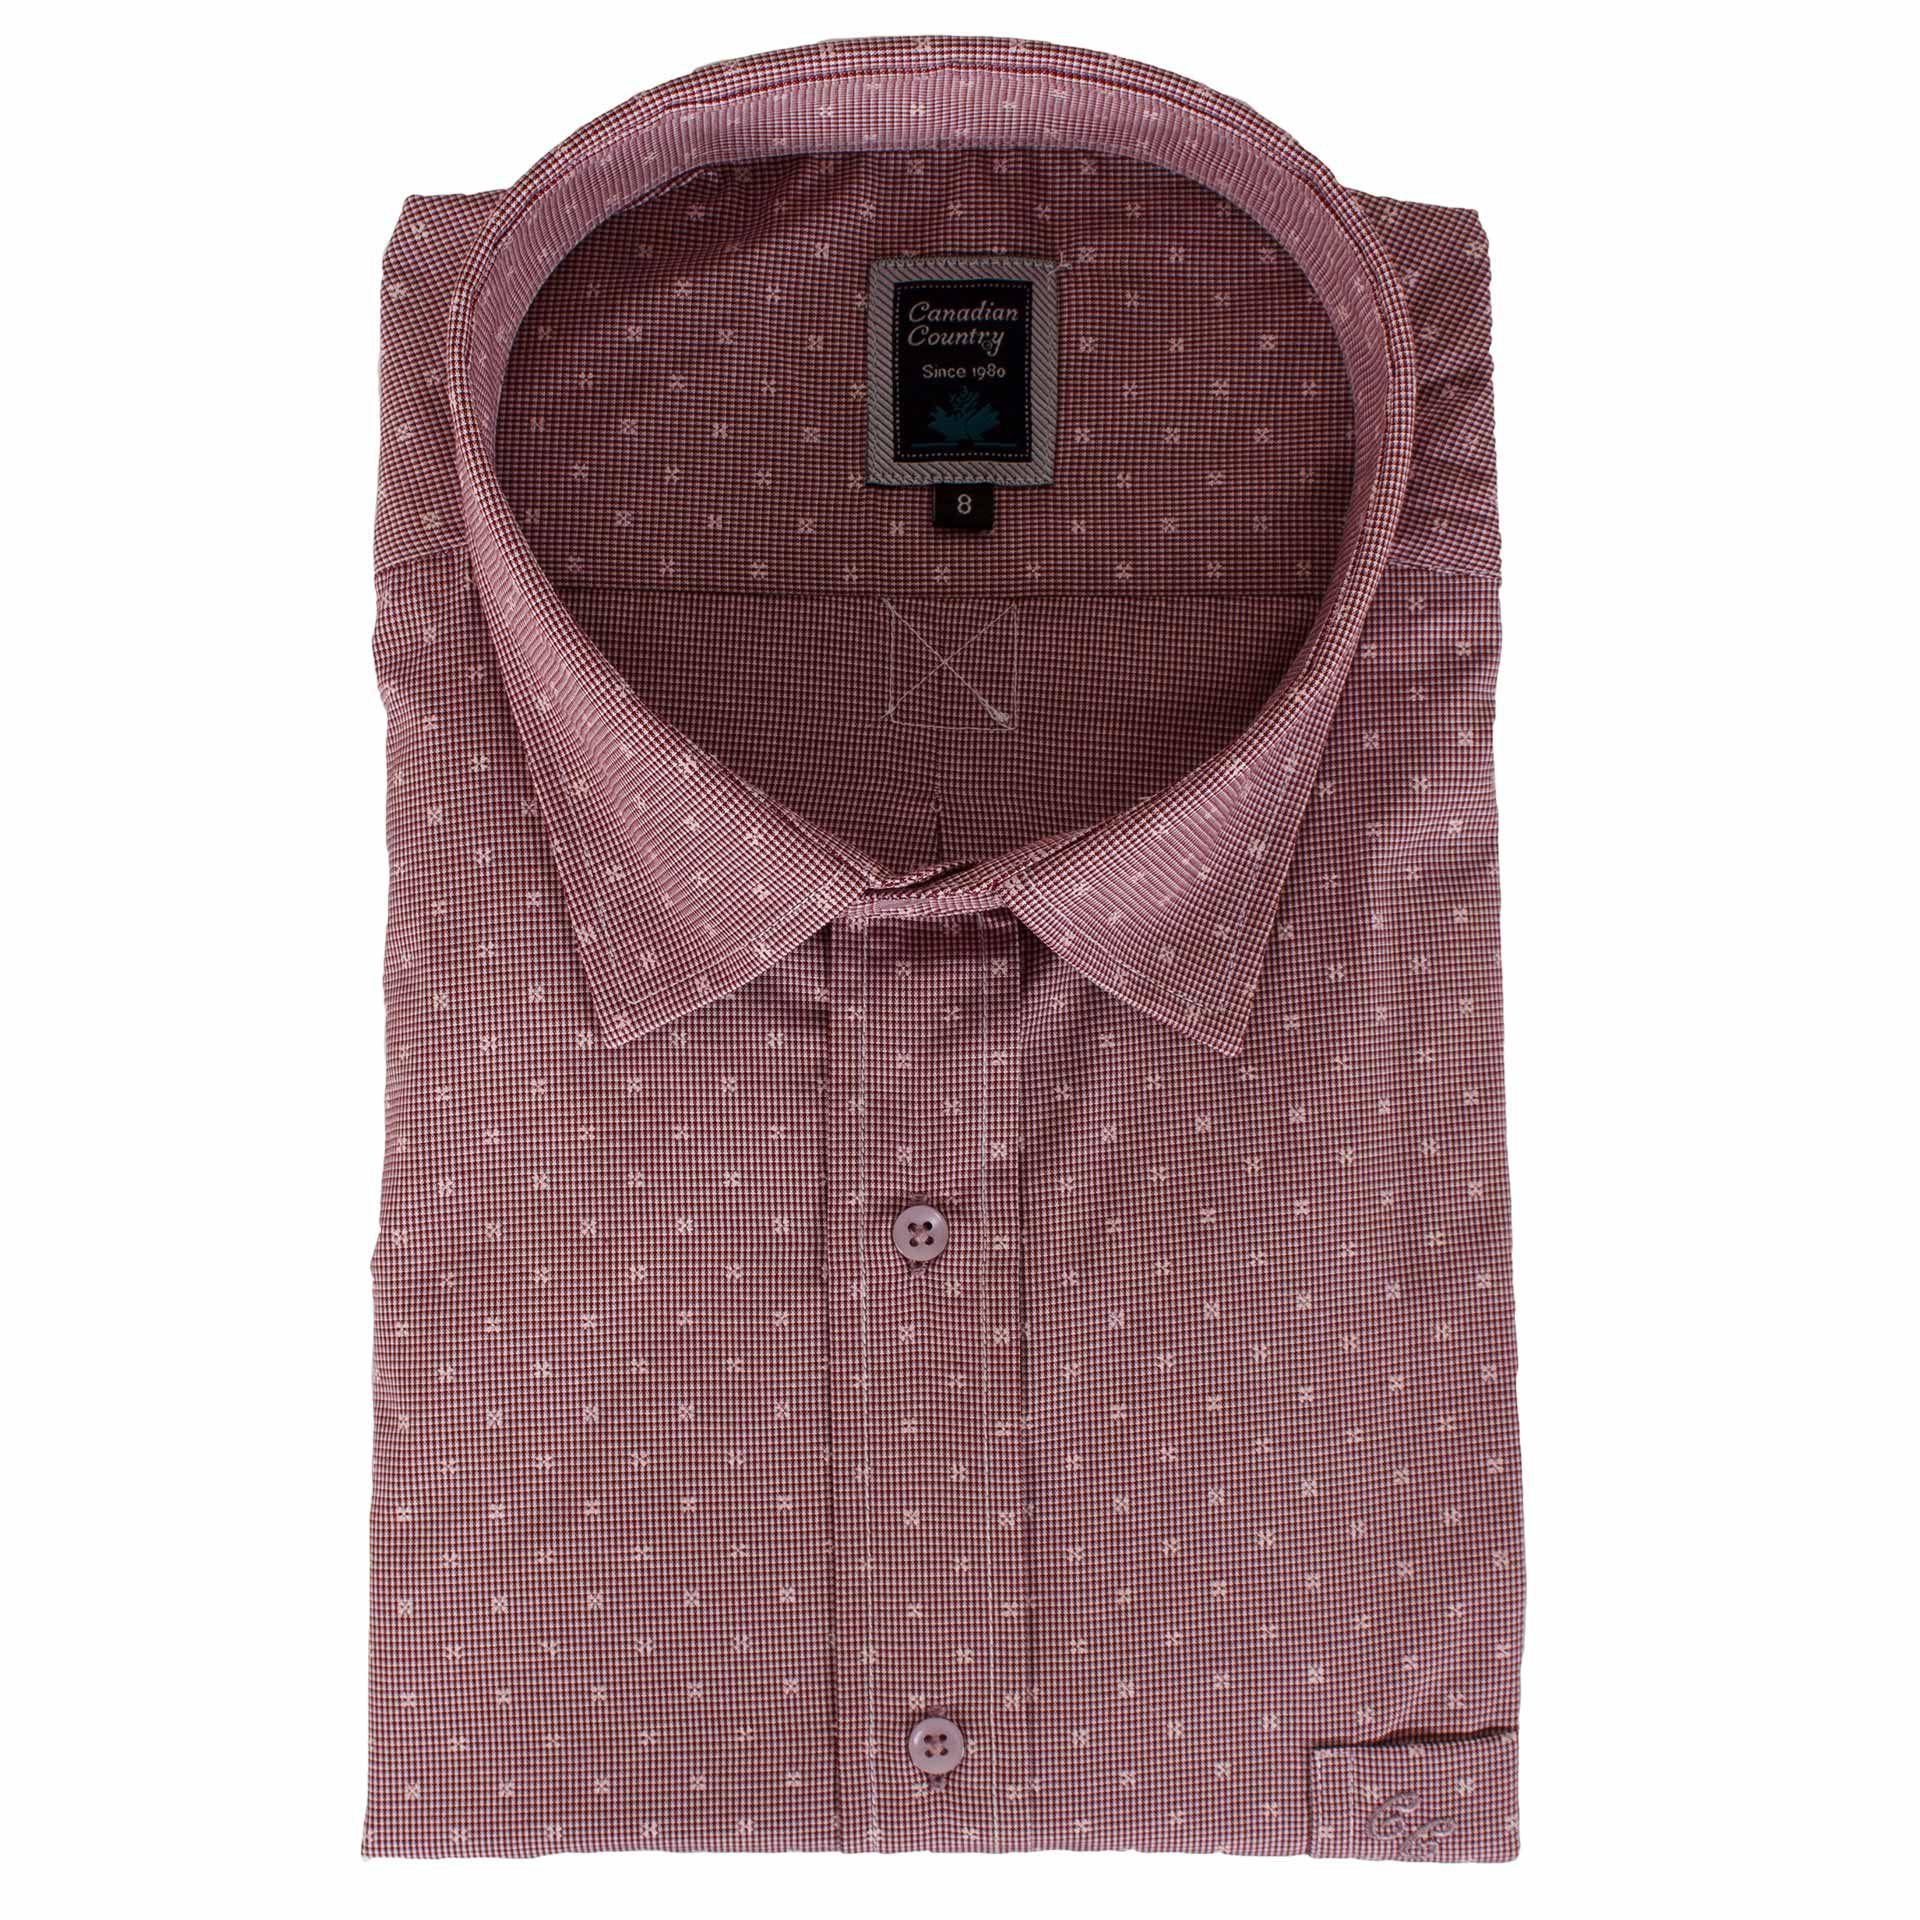 02886ed52f2c Ανδρικό κλασικό πουκάμισο Canadian Shirts 1918 ...